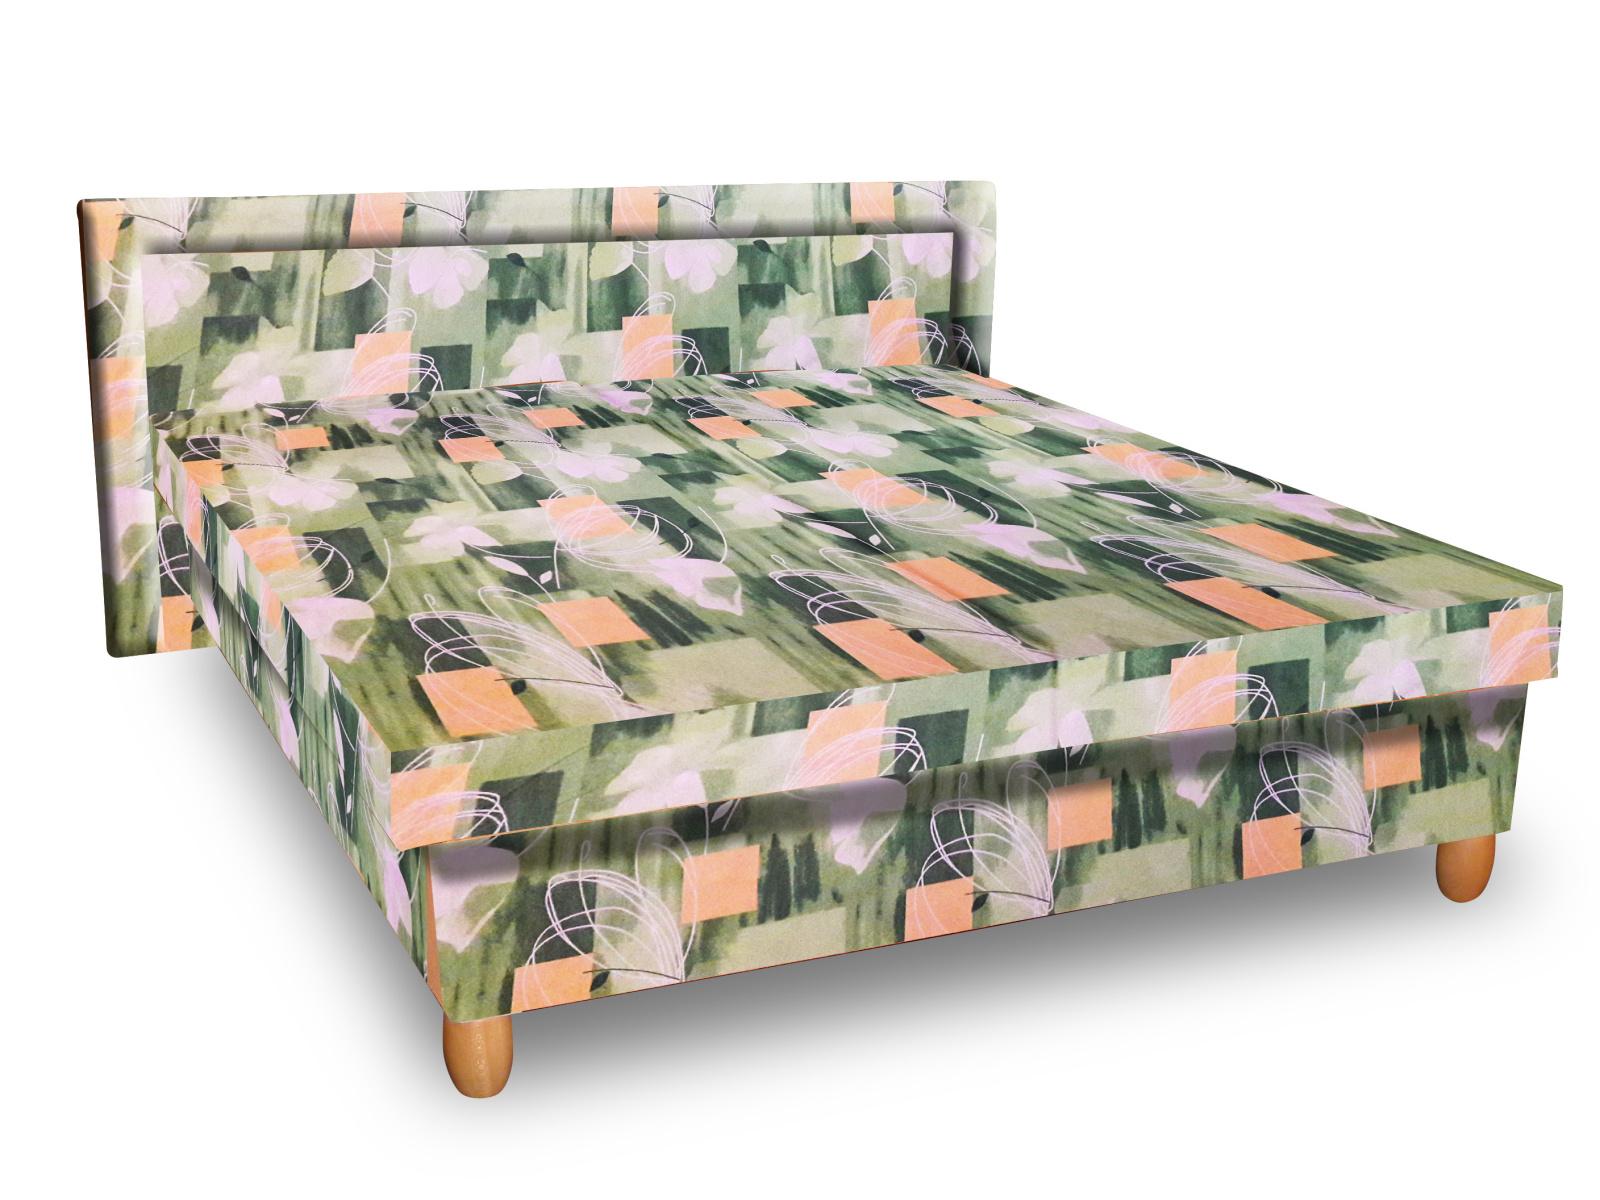 Smartshop Čalouněná postel IVA 180x200 cm, zelená látka